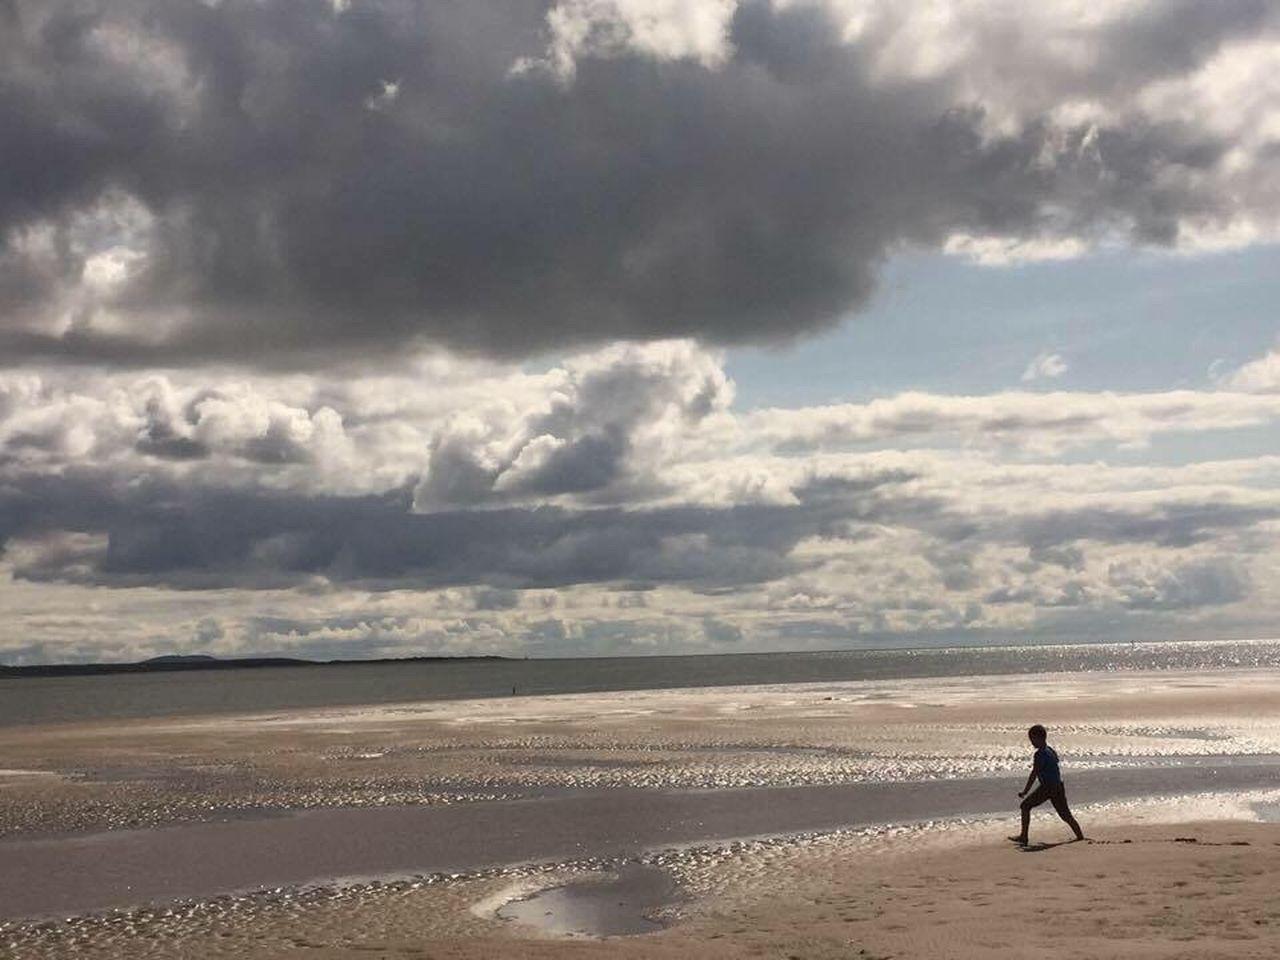 Below Llanstefan castle Beachphotography Beach Photography Beach Beach Life Sky Sky And Clouds Playing Sea Sea And Sky Wales Wales❤ Wales UK Llansteffan Summertime Summer